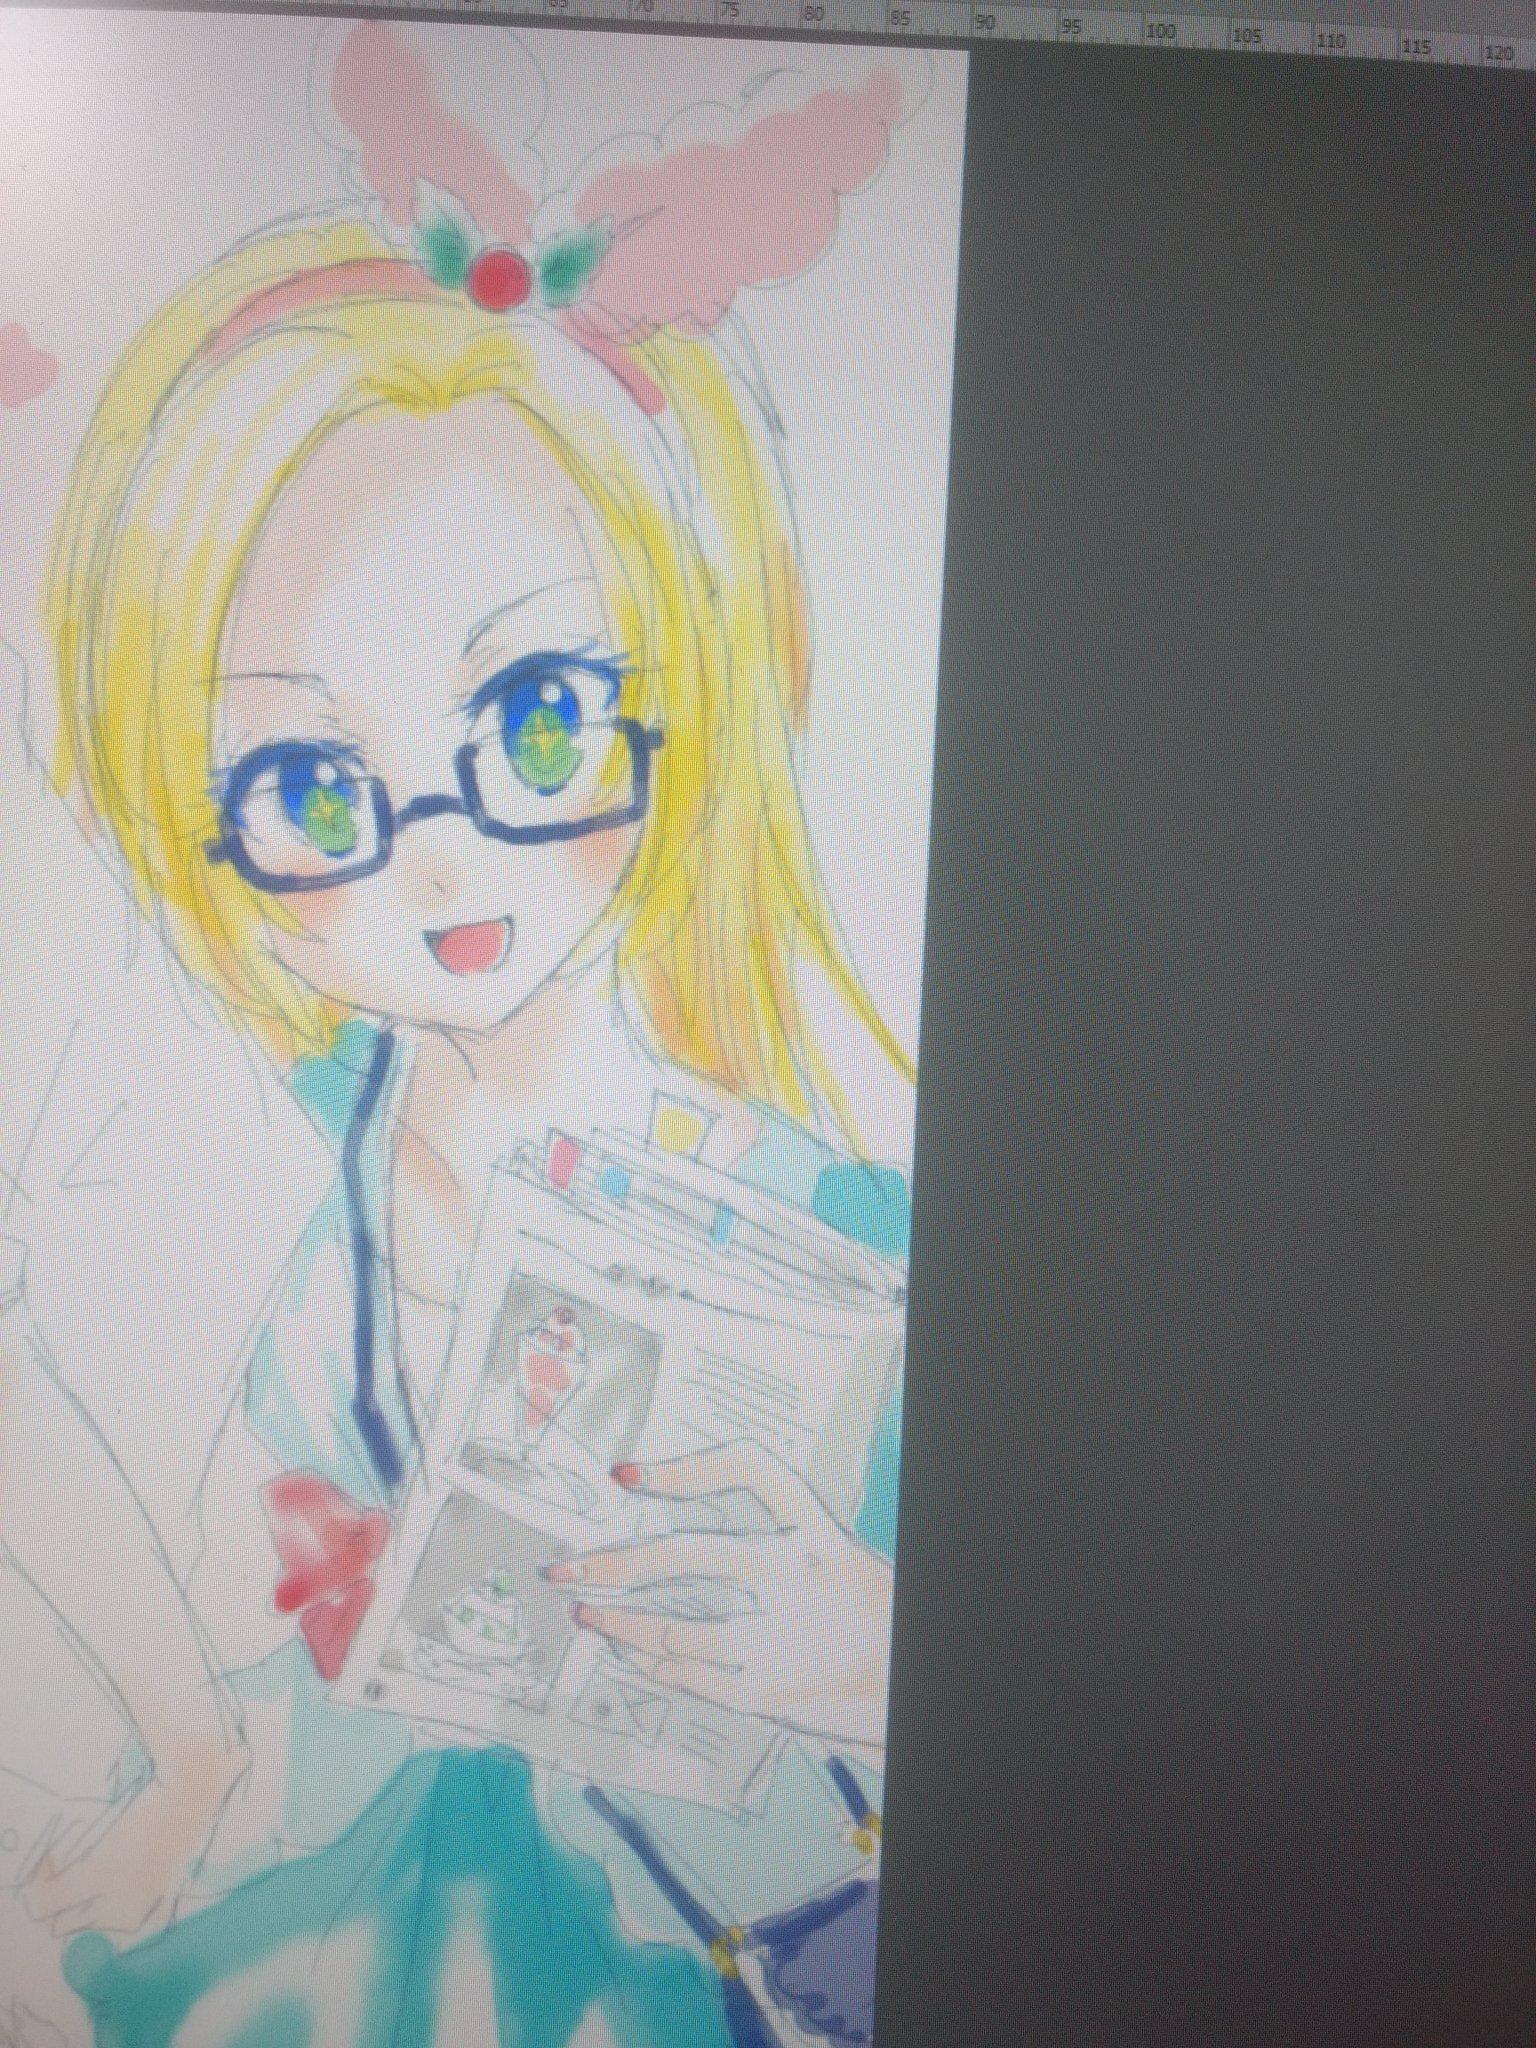 傘子 (@kasako06)さんのイラスト